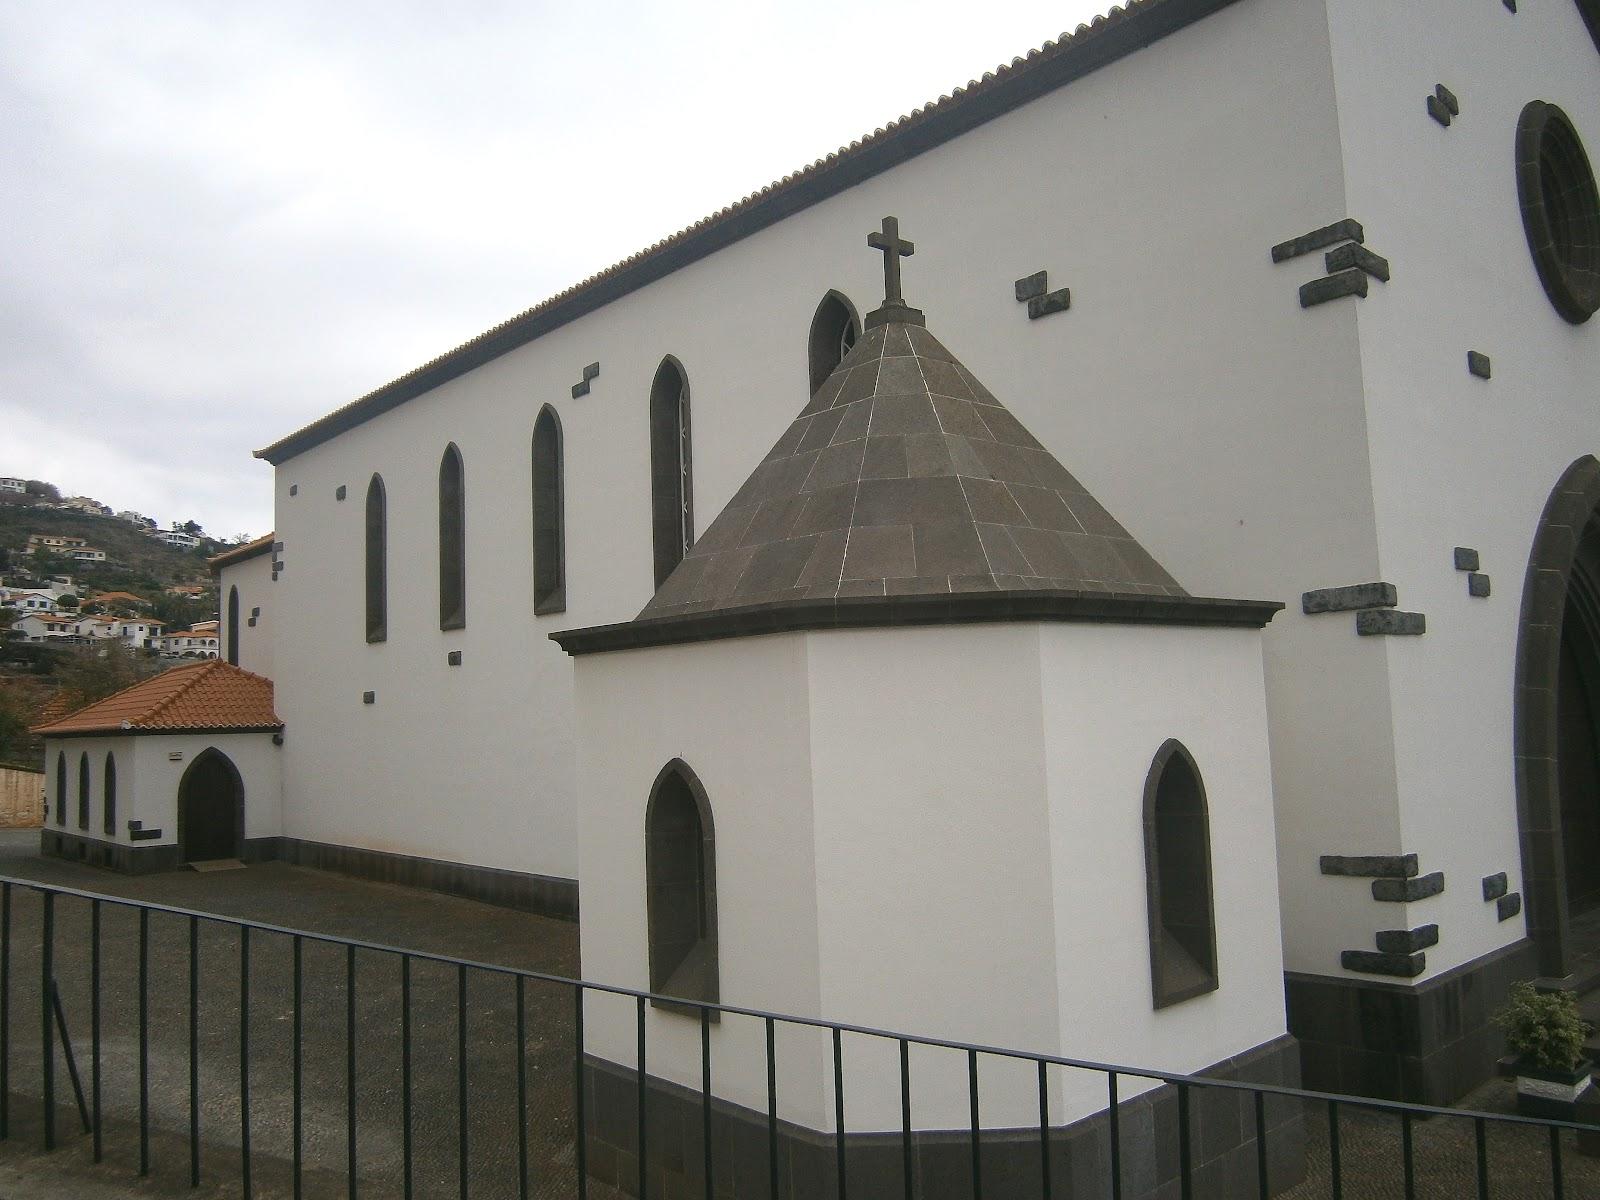 fotográfico: IGREJA PAROQUIAL DE SÃO GONÇALO FUNCHAL (Madeira) #615040 1600x1200